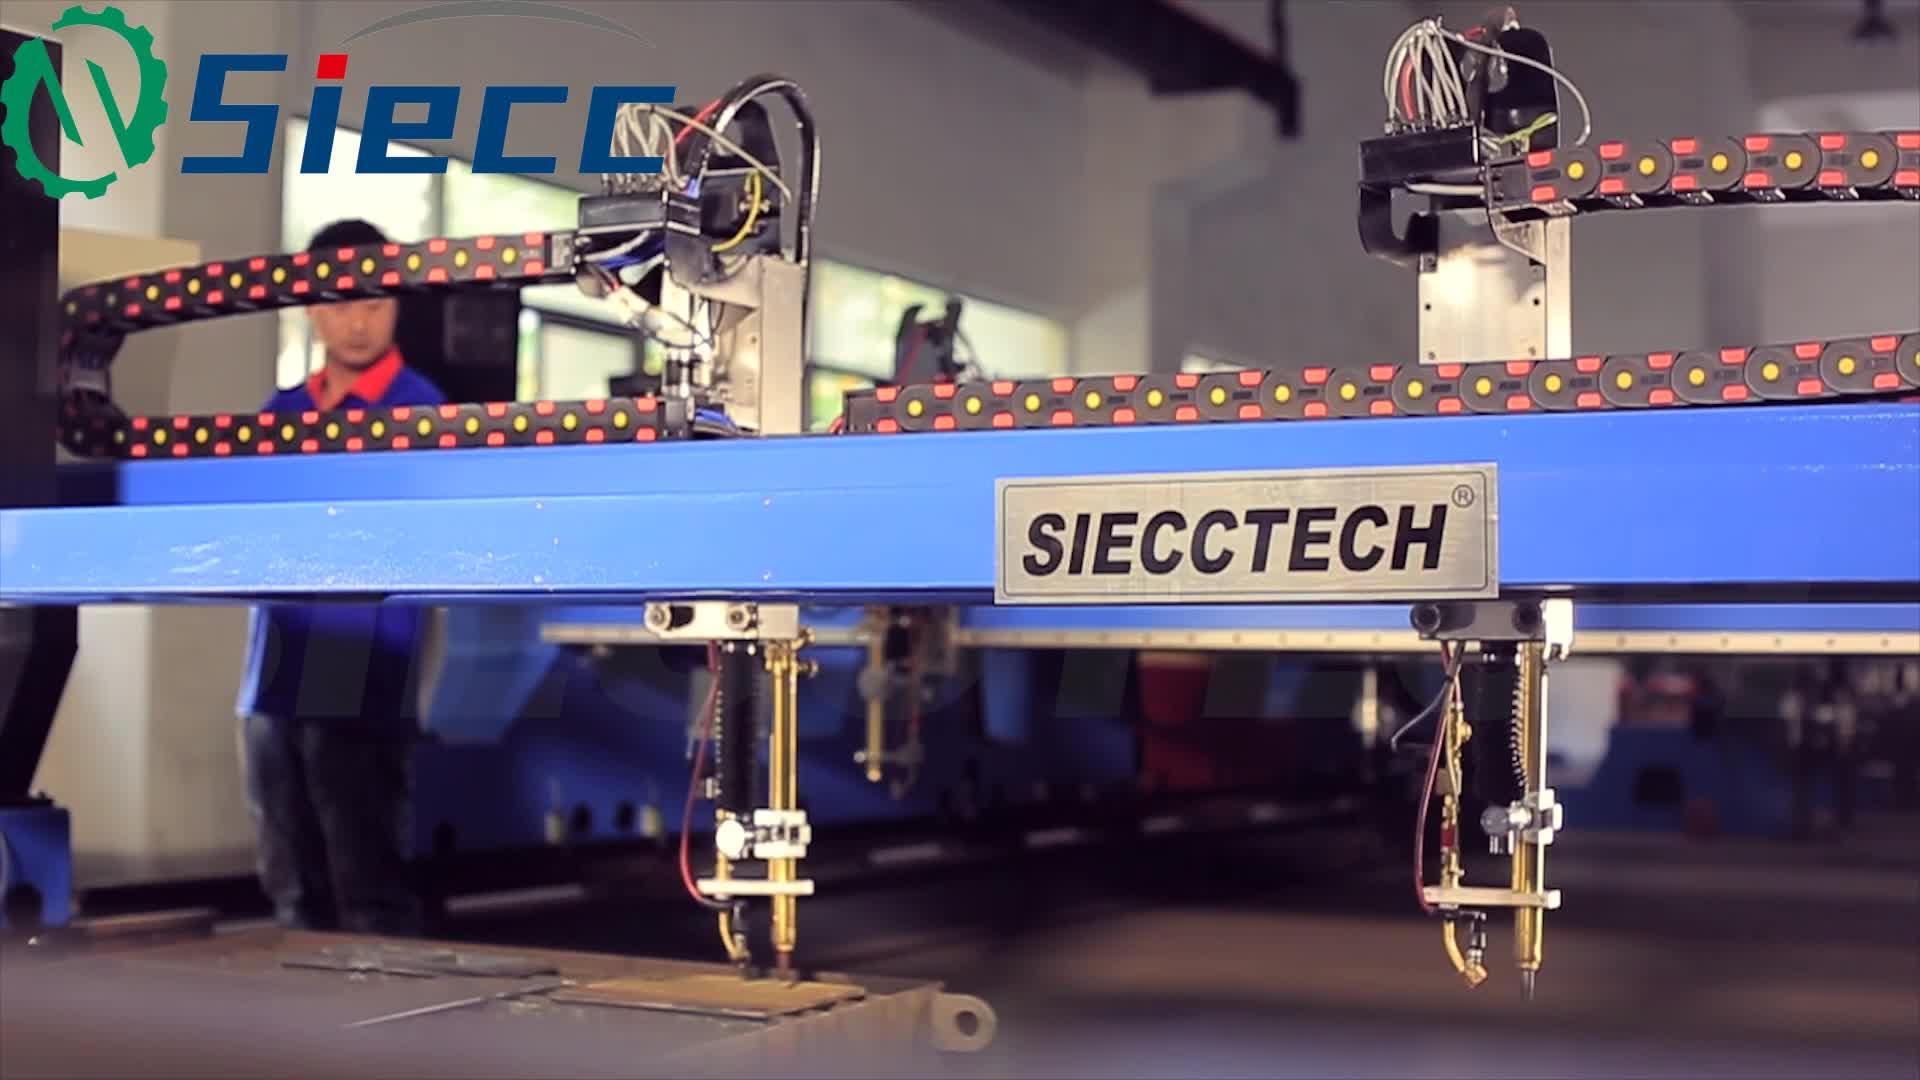 500 米ドル割引夏プロモーションテーブルタイプ板金 CNC プラズマ切断機